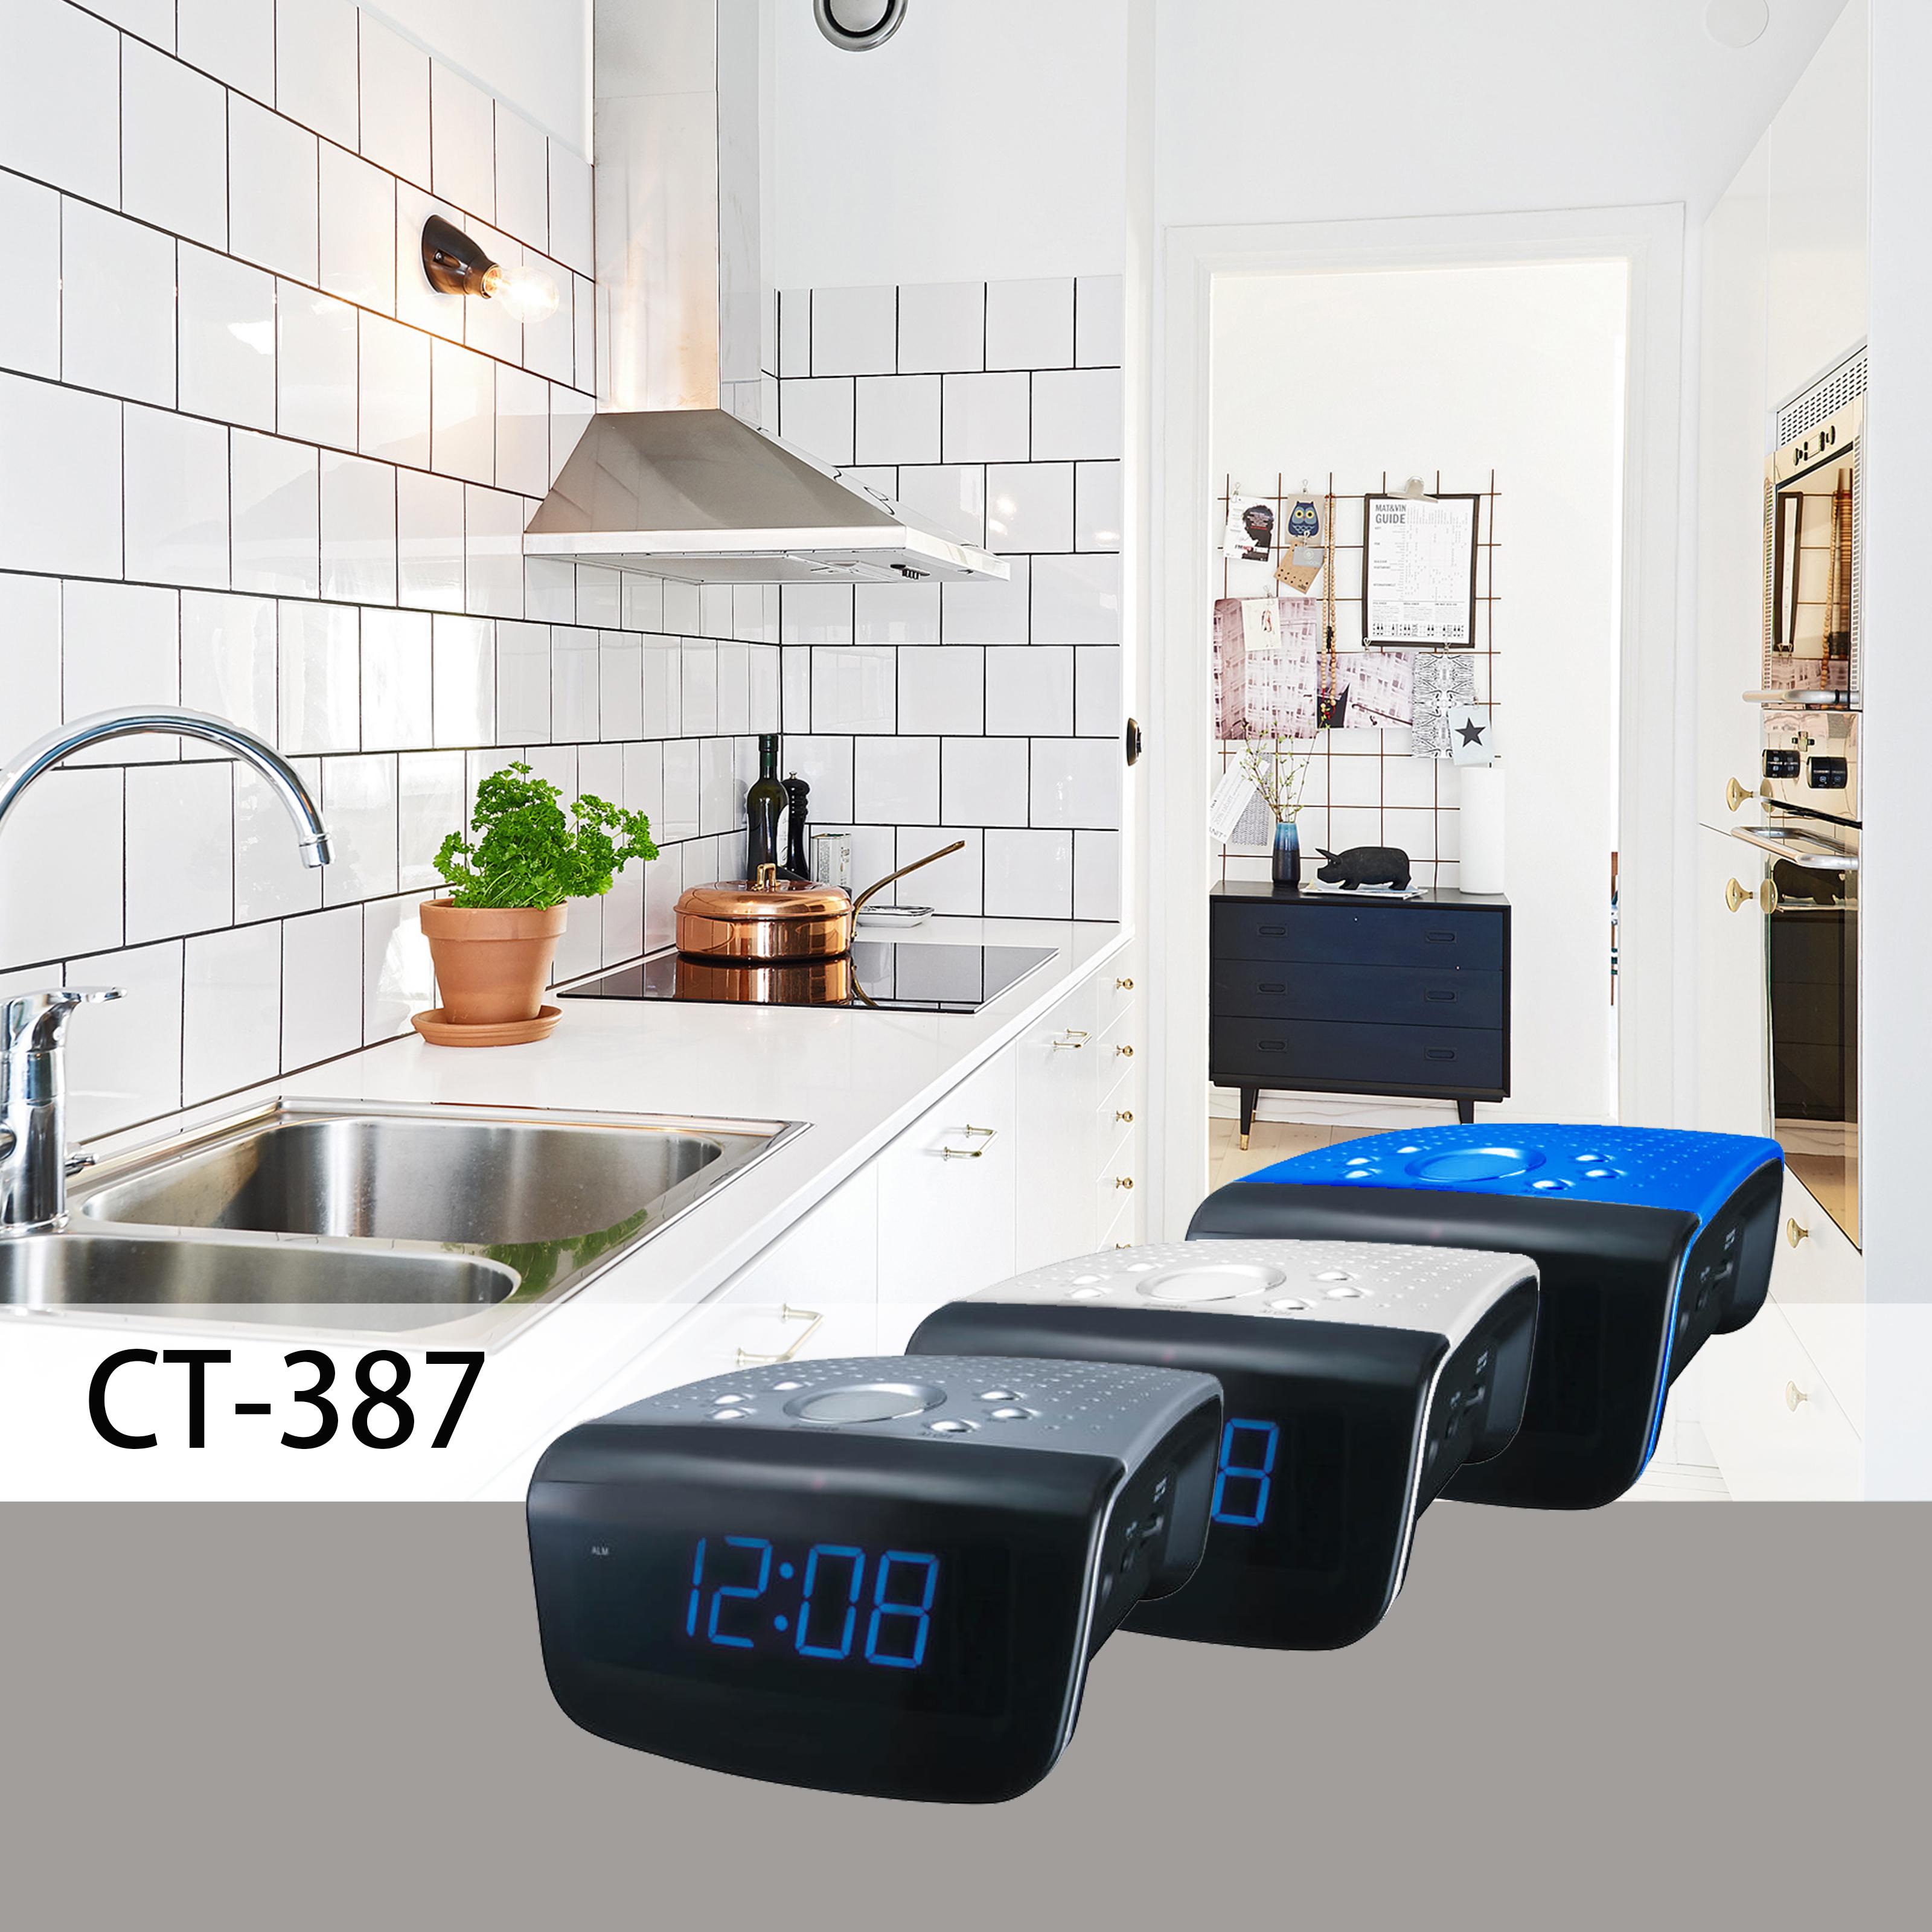 CT-387 Kitchen.jpg